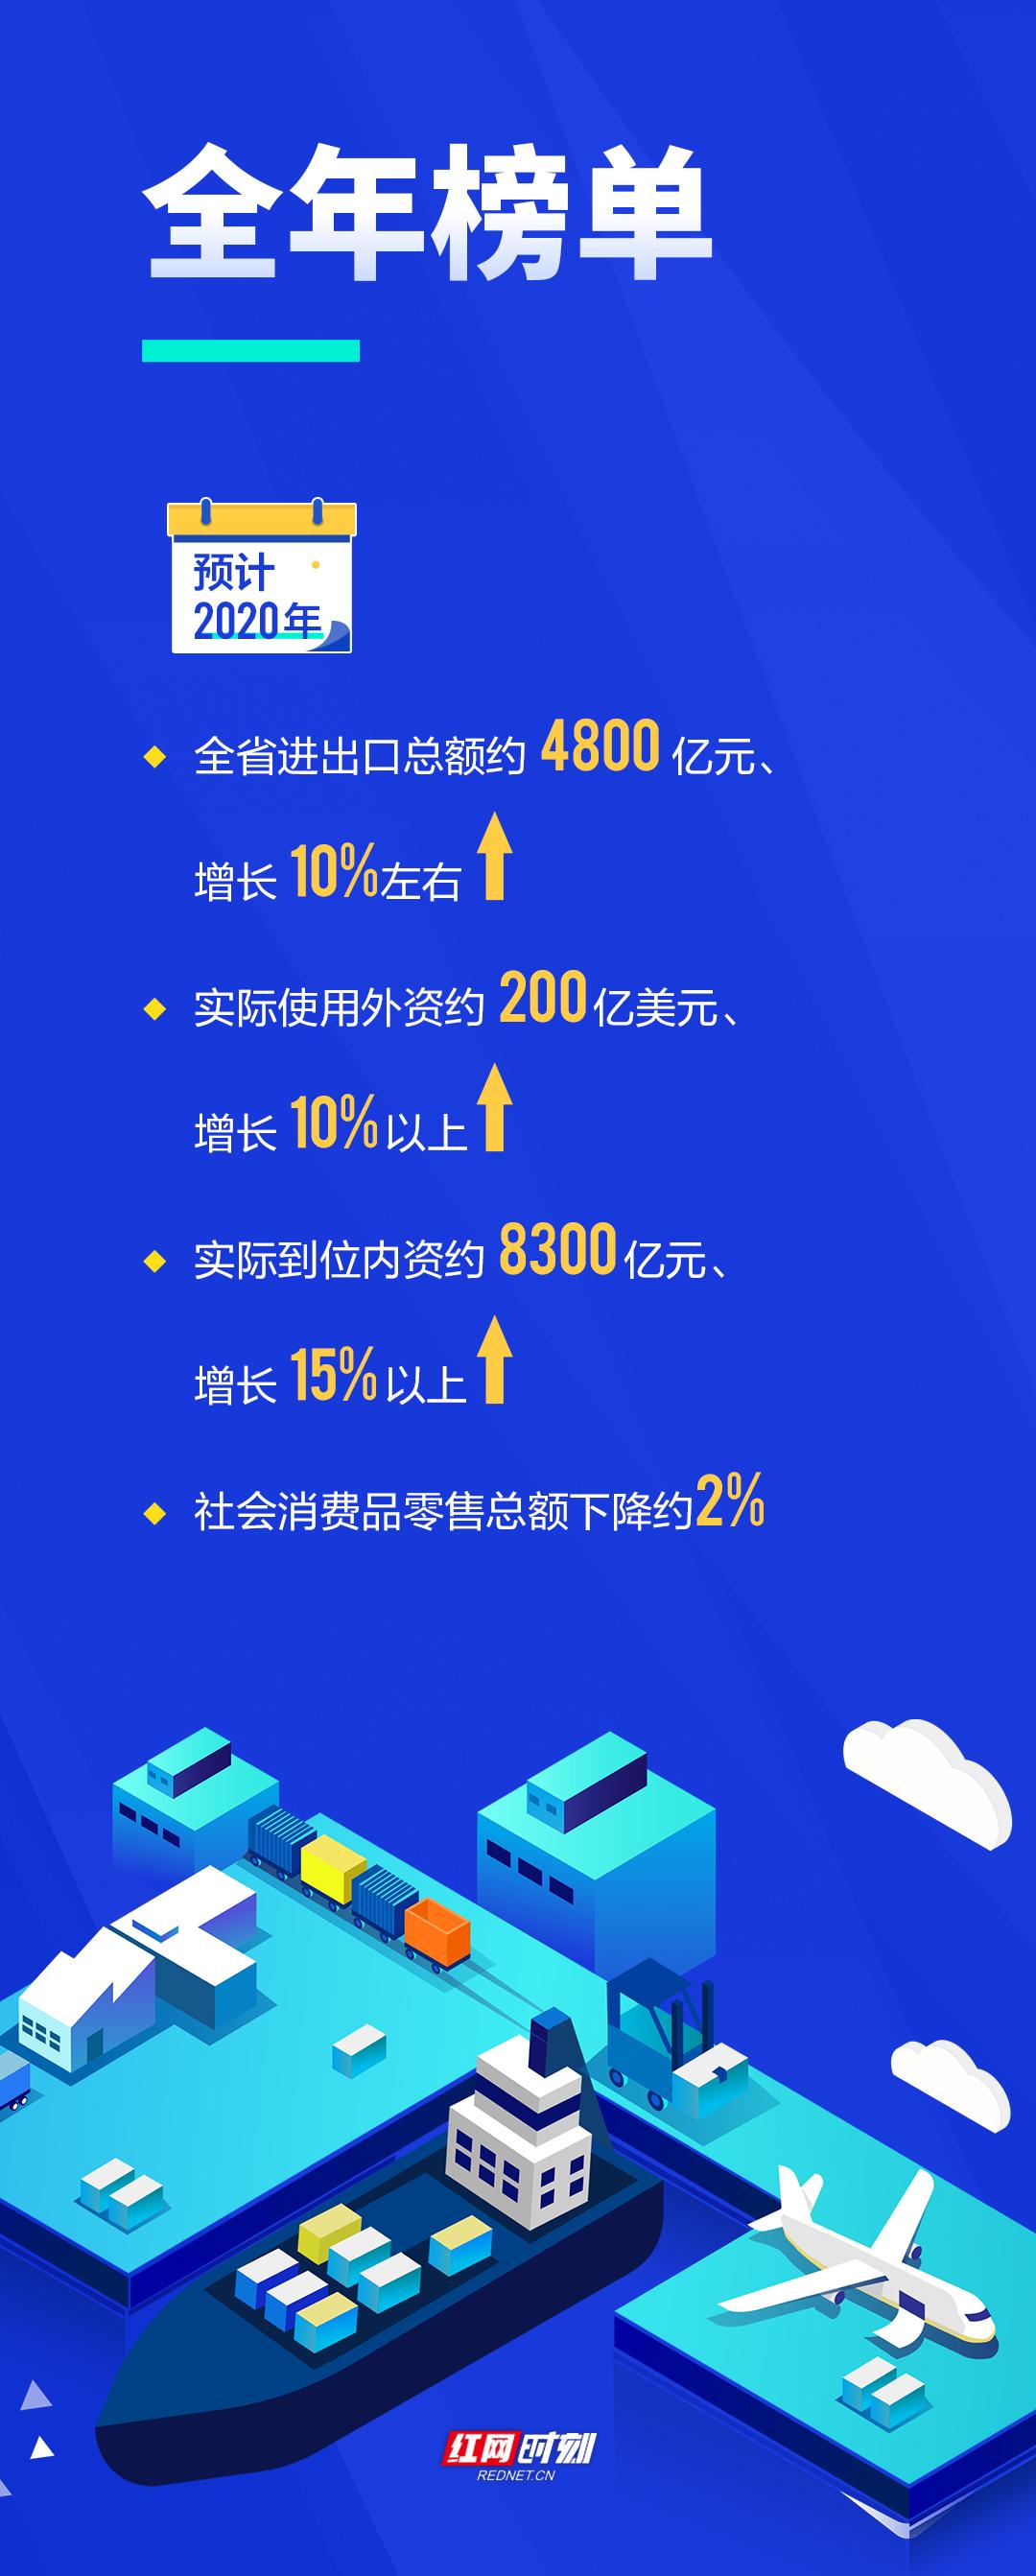 图解2020丨一手稳外贸,一手促销费——湖南商贸逆境突围